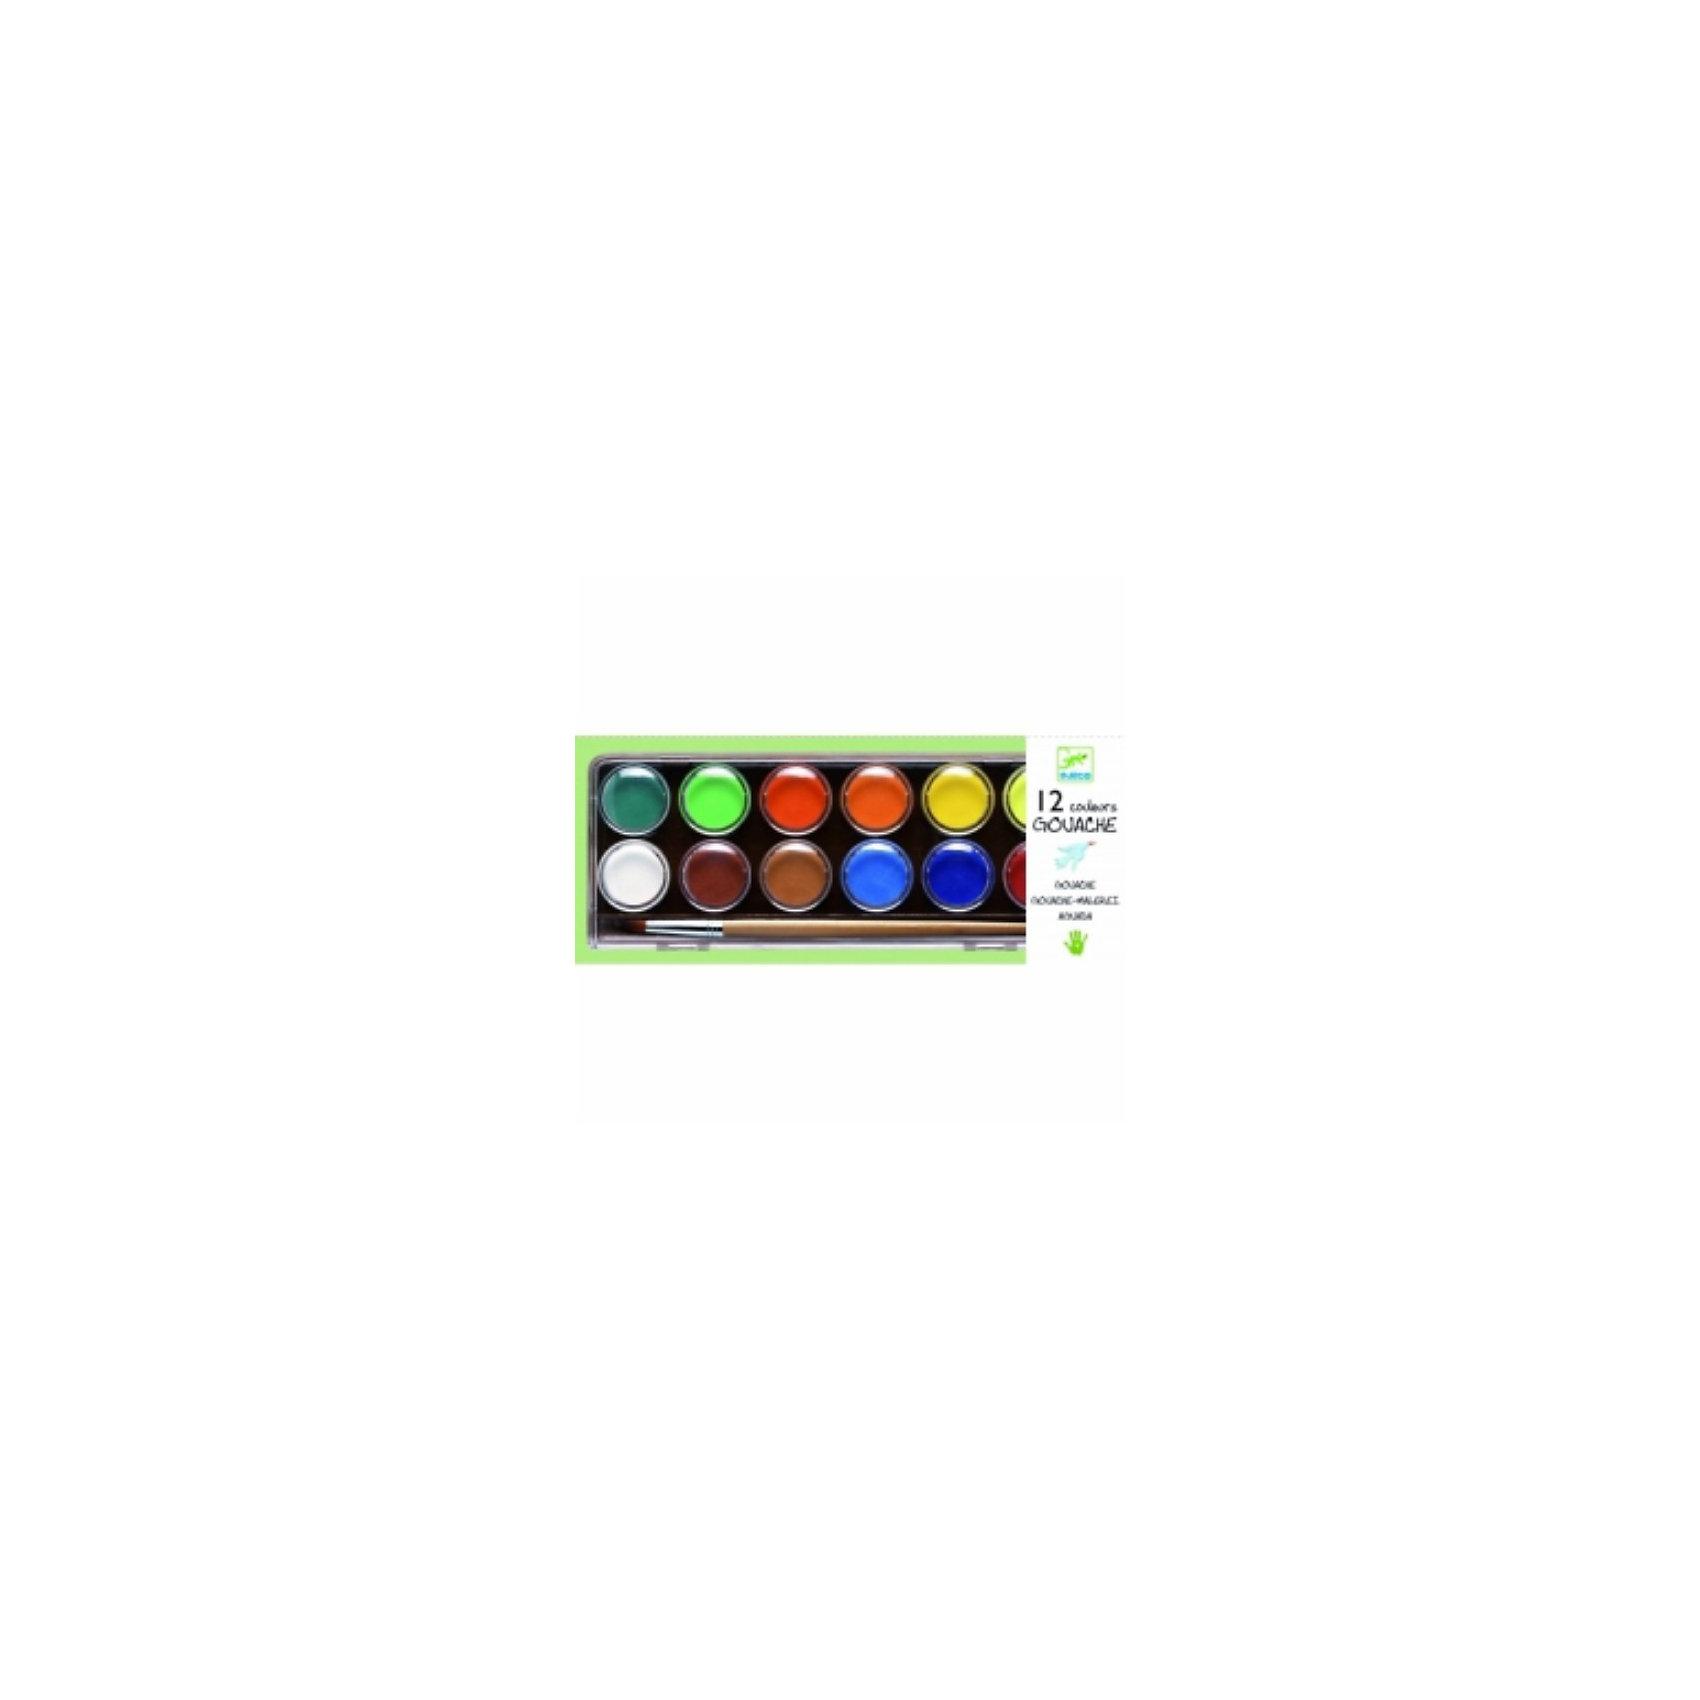 DJECO Акварель матовая (классическая гуашь), DJECO бальзам natura siberica облепиховый бальзам максимальный объем объем 400 мл